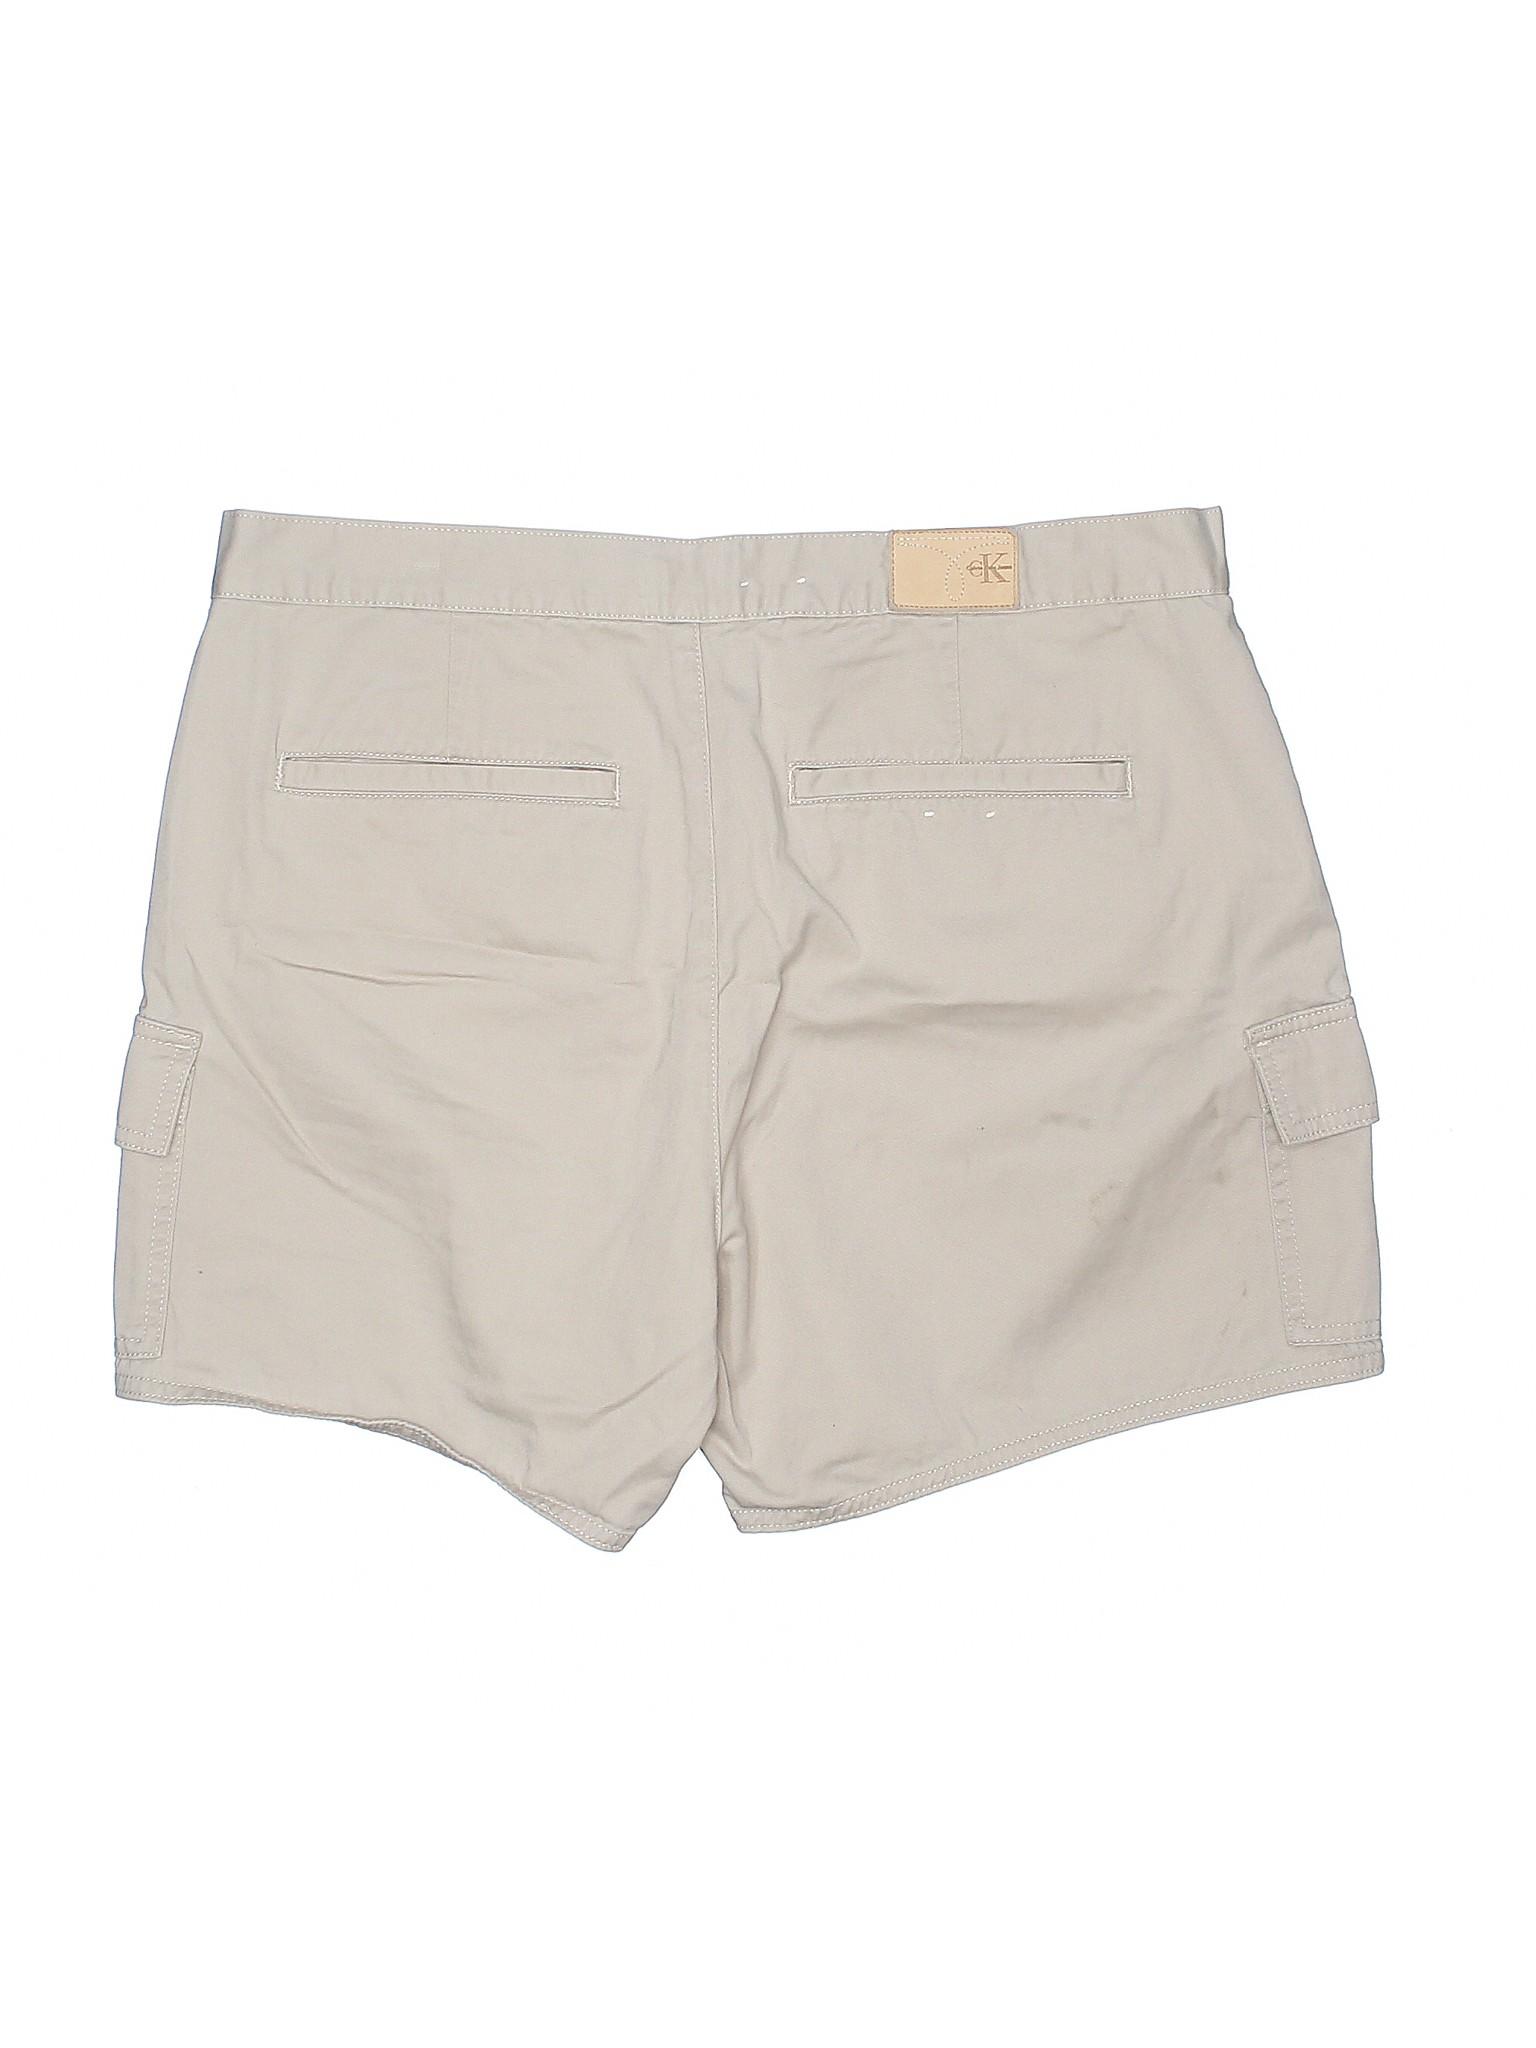 Boutique Klein Calvin Klein Boutique Cargo Klein Boutique Calvin Shorts Cargo Shorts Calvin rgBxOwrqS